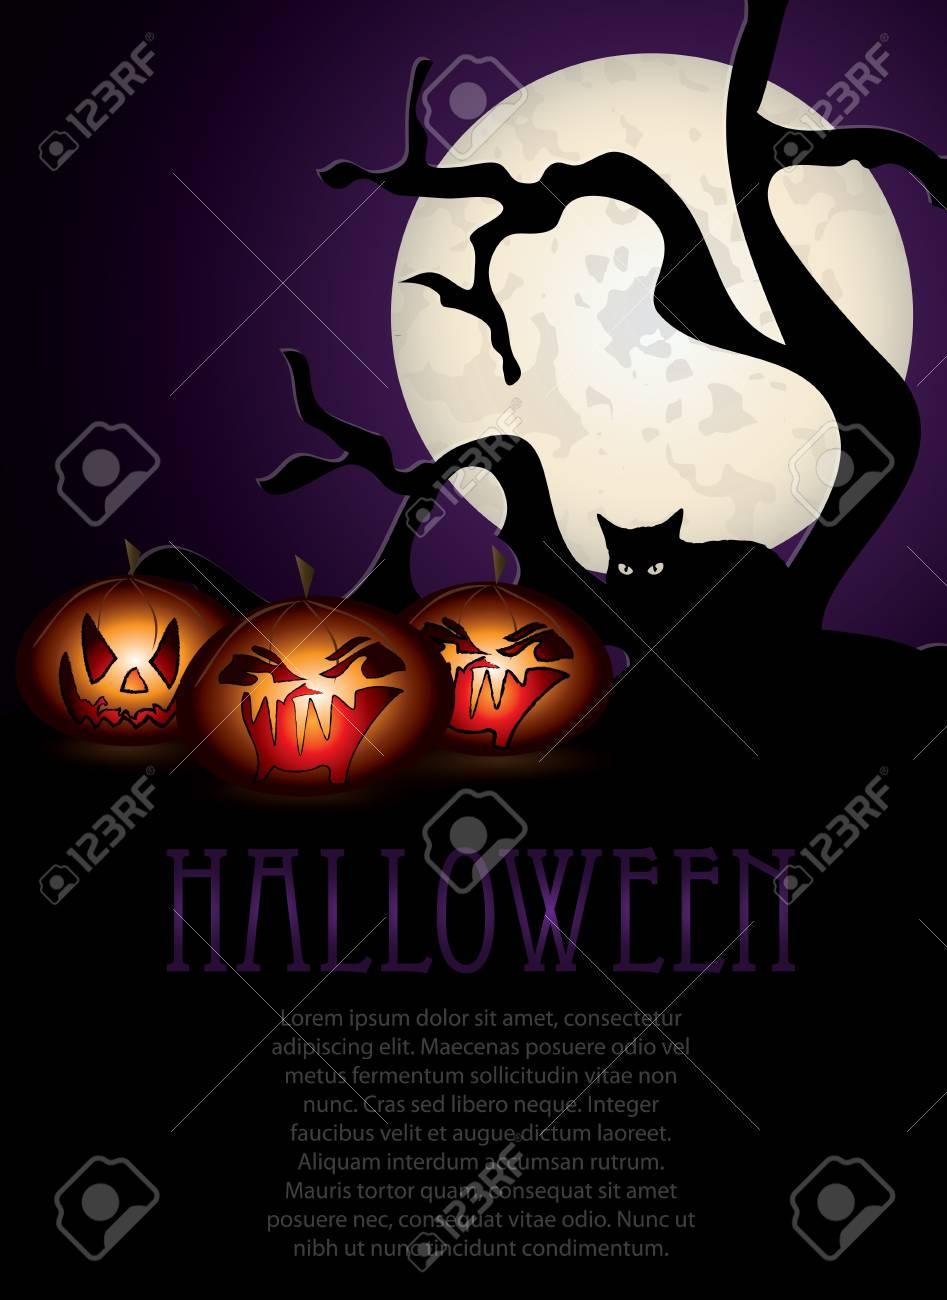 Halloween night illustration Stock Vector - 15967816